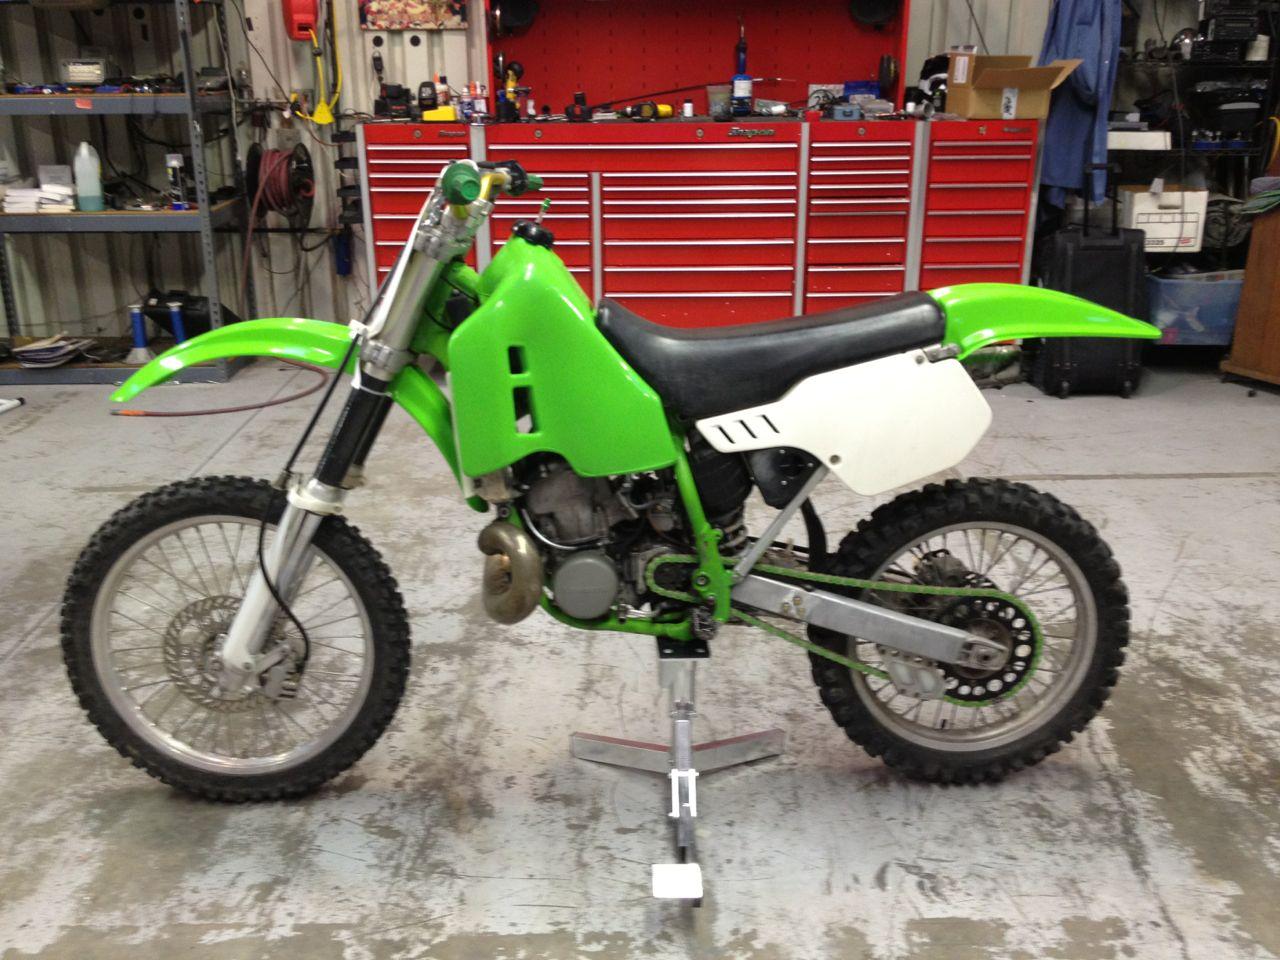 kx500-2.jpg